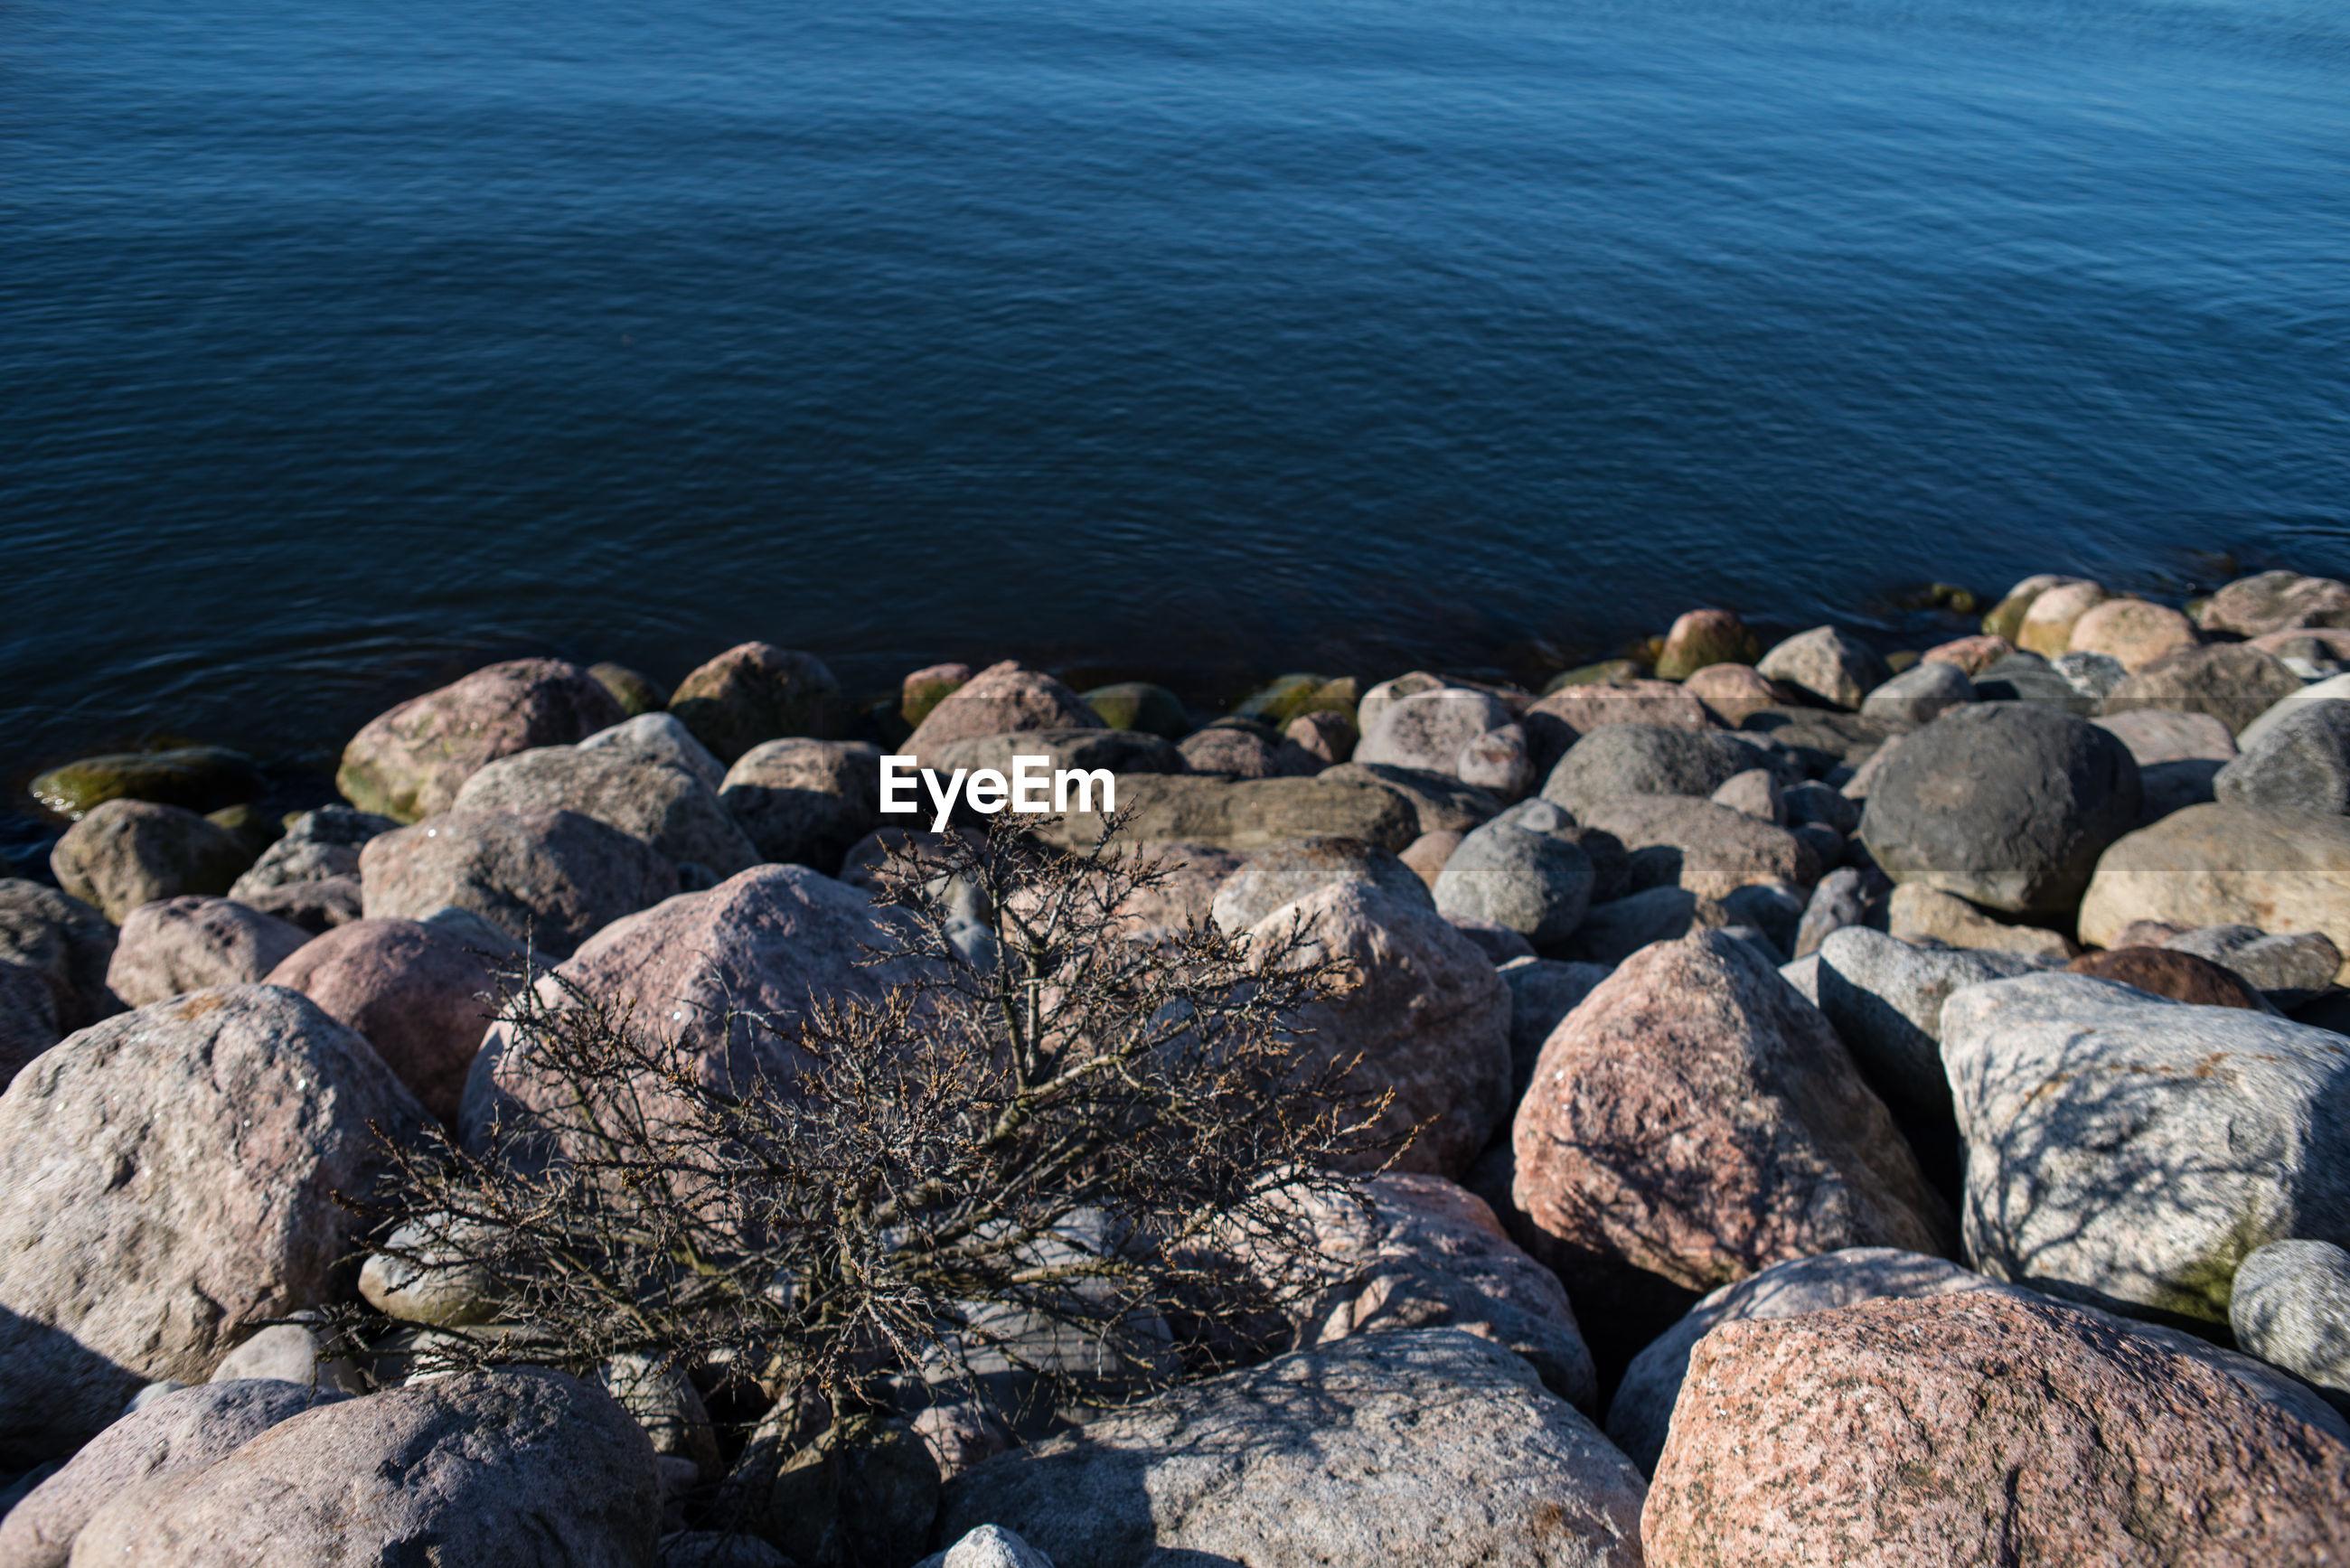 HIGH ANGLE VIEW OF PEBBLES AND SEA